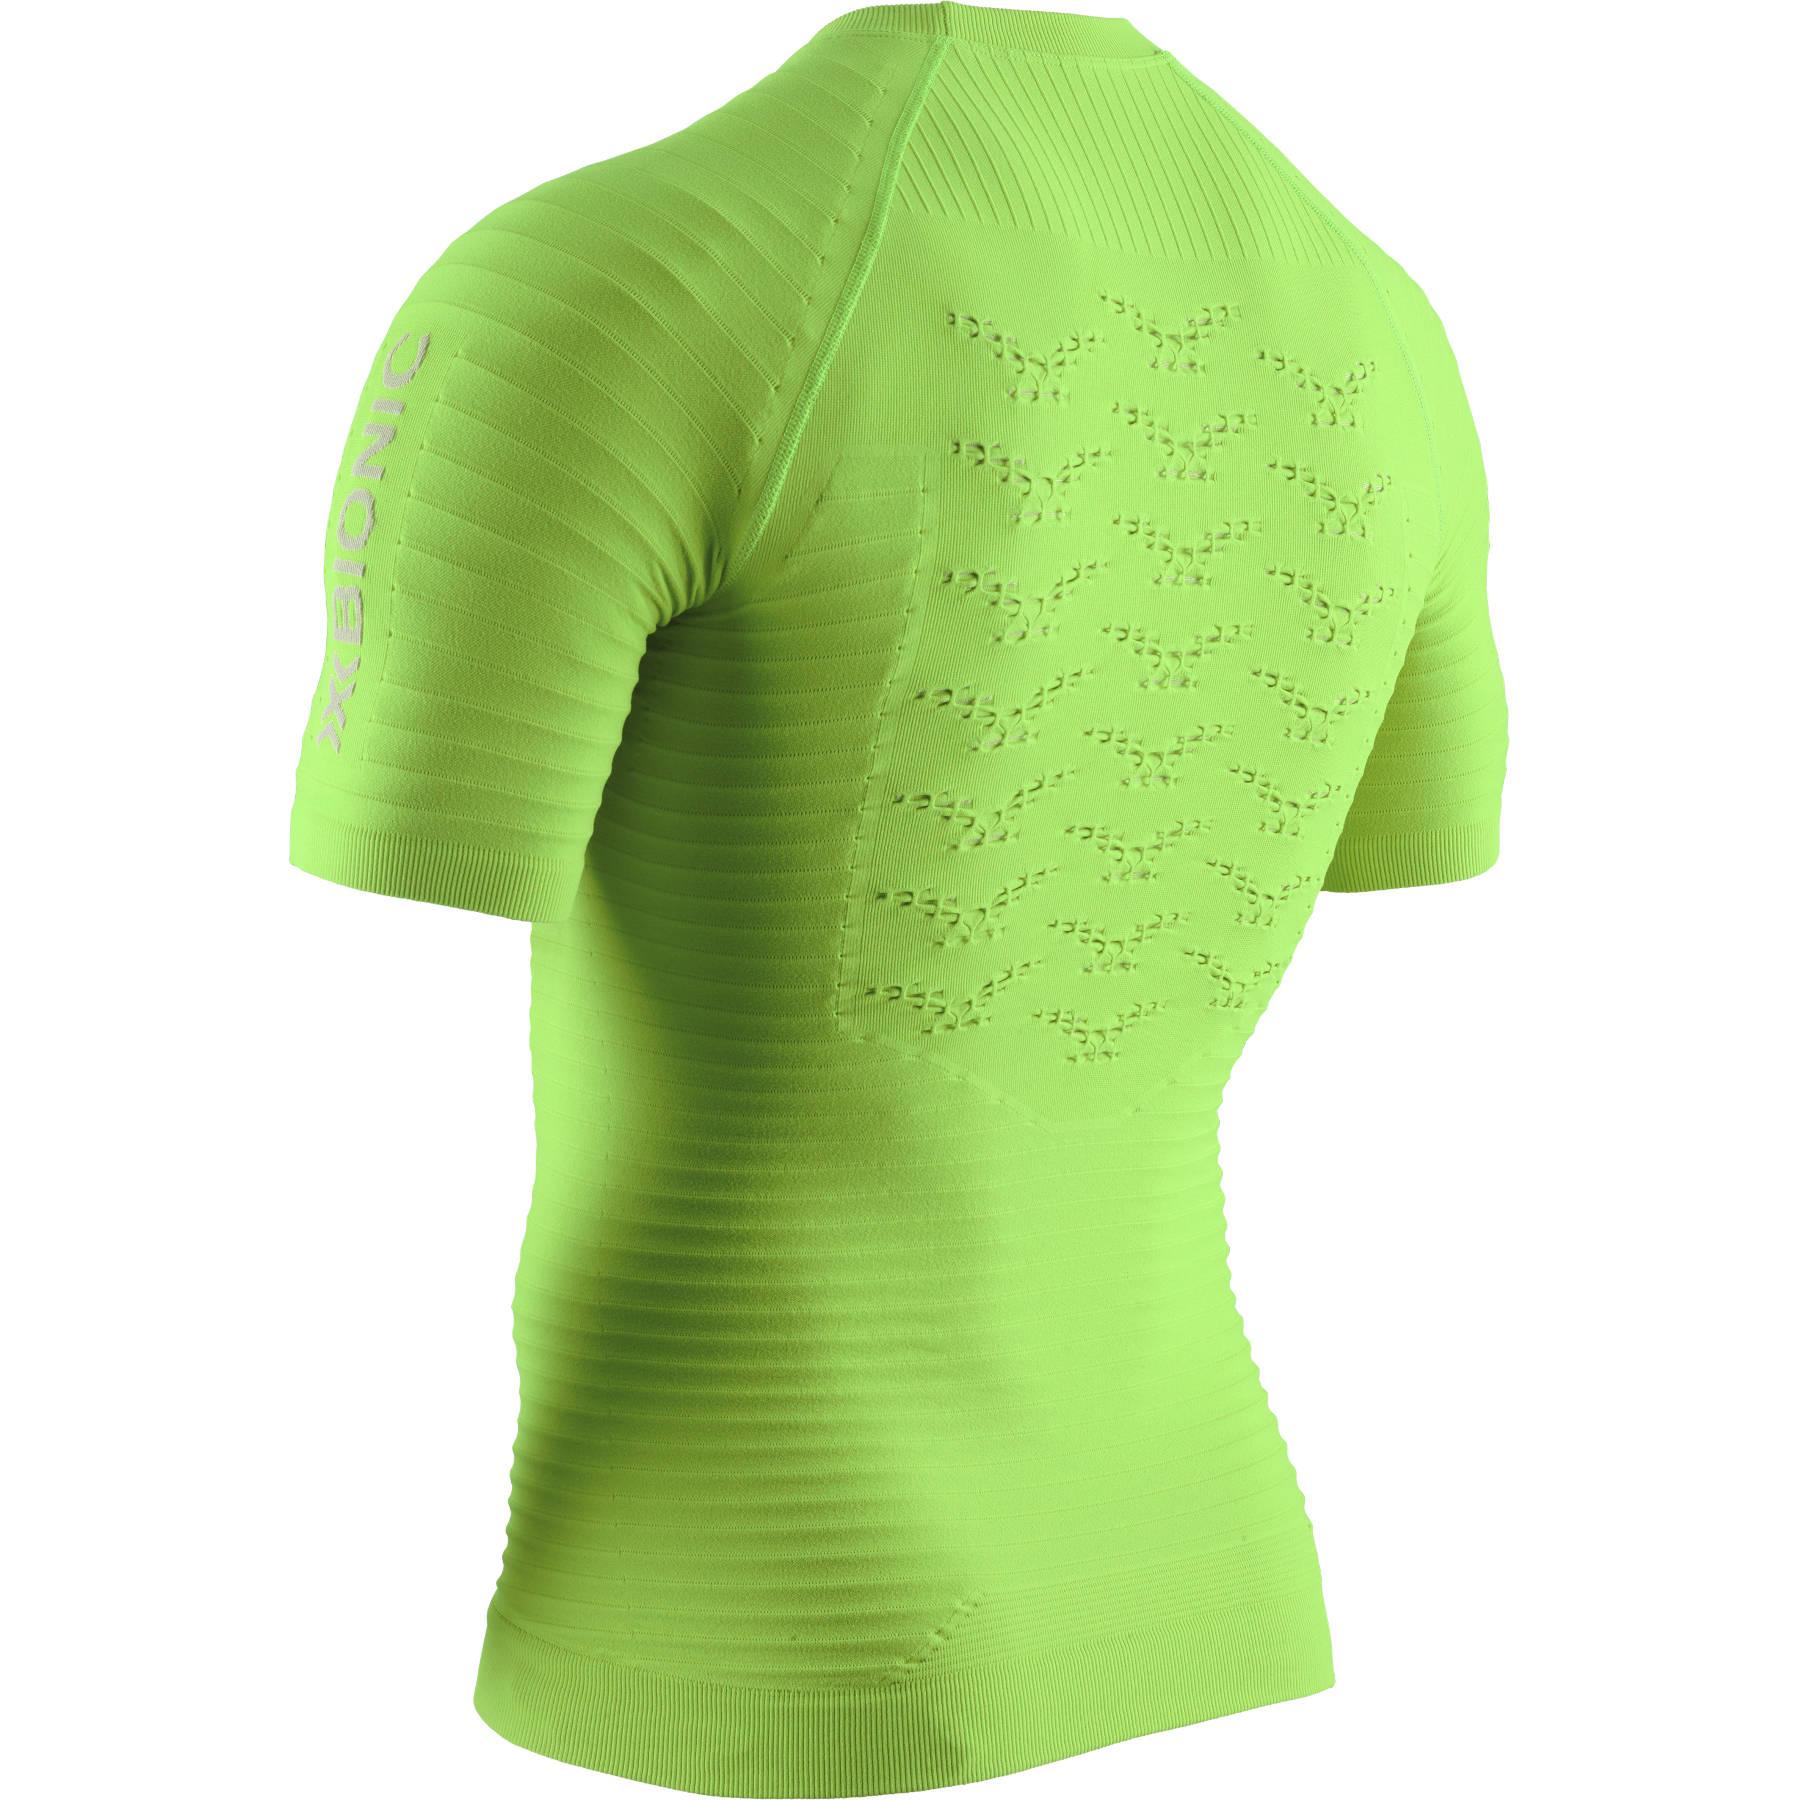 Bild von X-Bionic Effektor 4.0 Run Kurzarm-Laufshirt für Herren - effektor green/arctic white